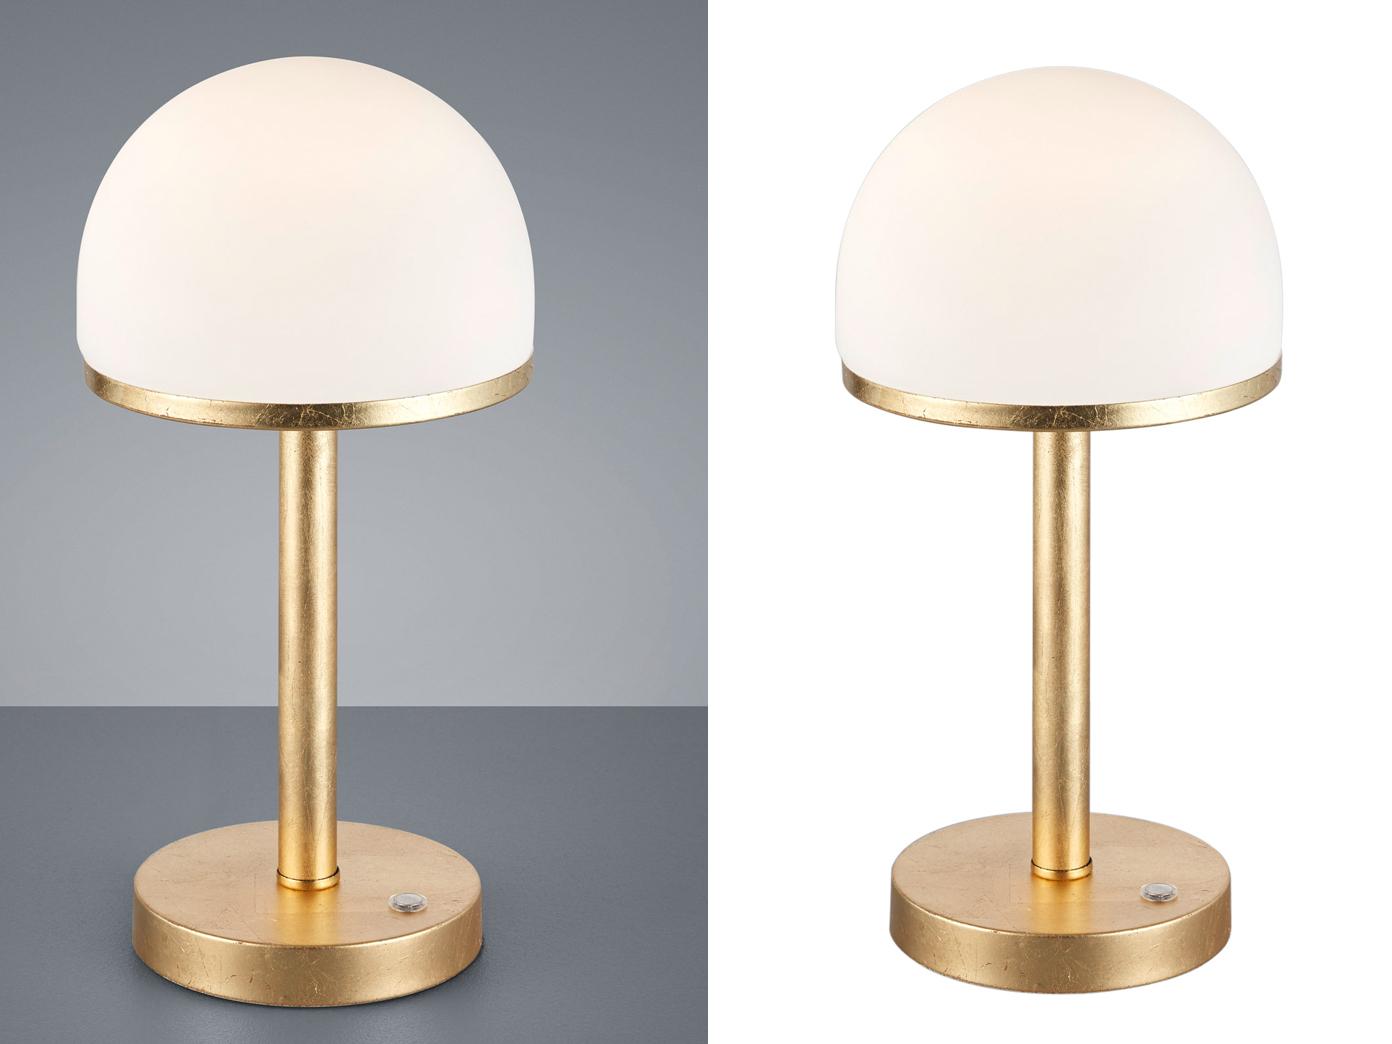 2 Stck Dimmbare Led Wohnzimmerlampen Touch Nachttischleuchte Gold